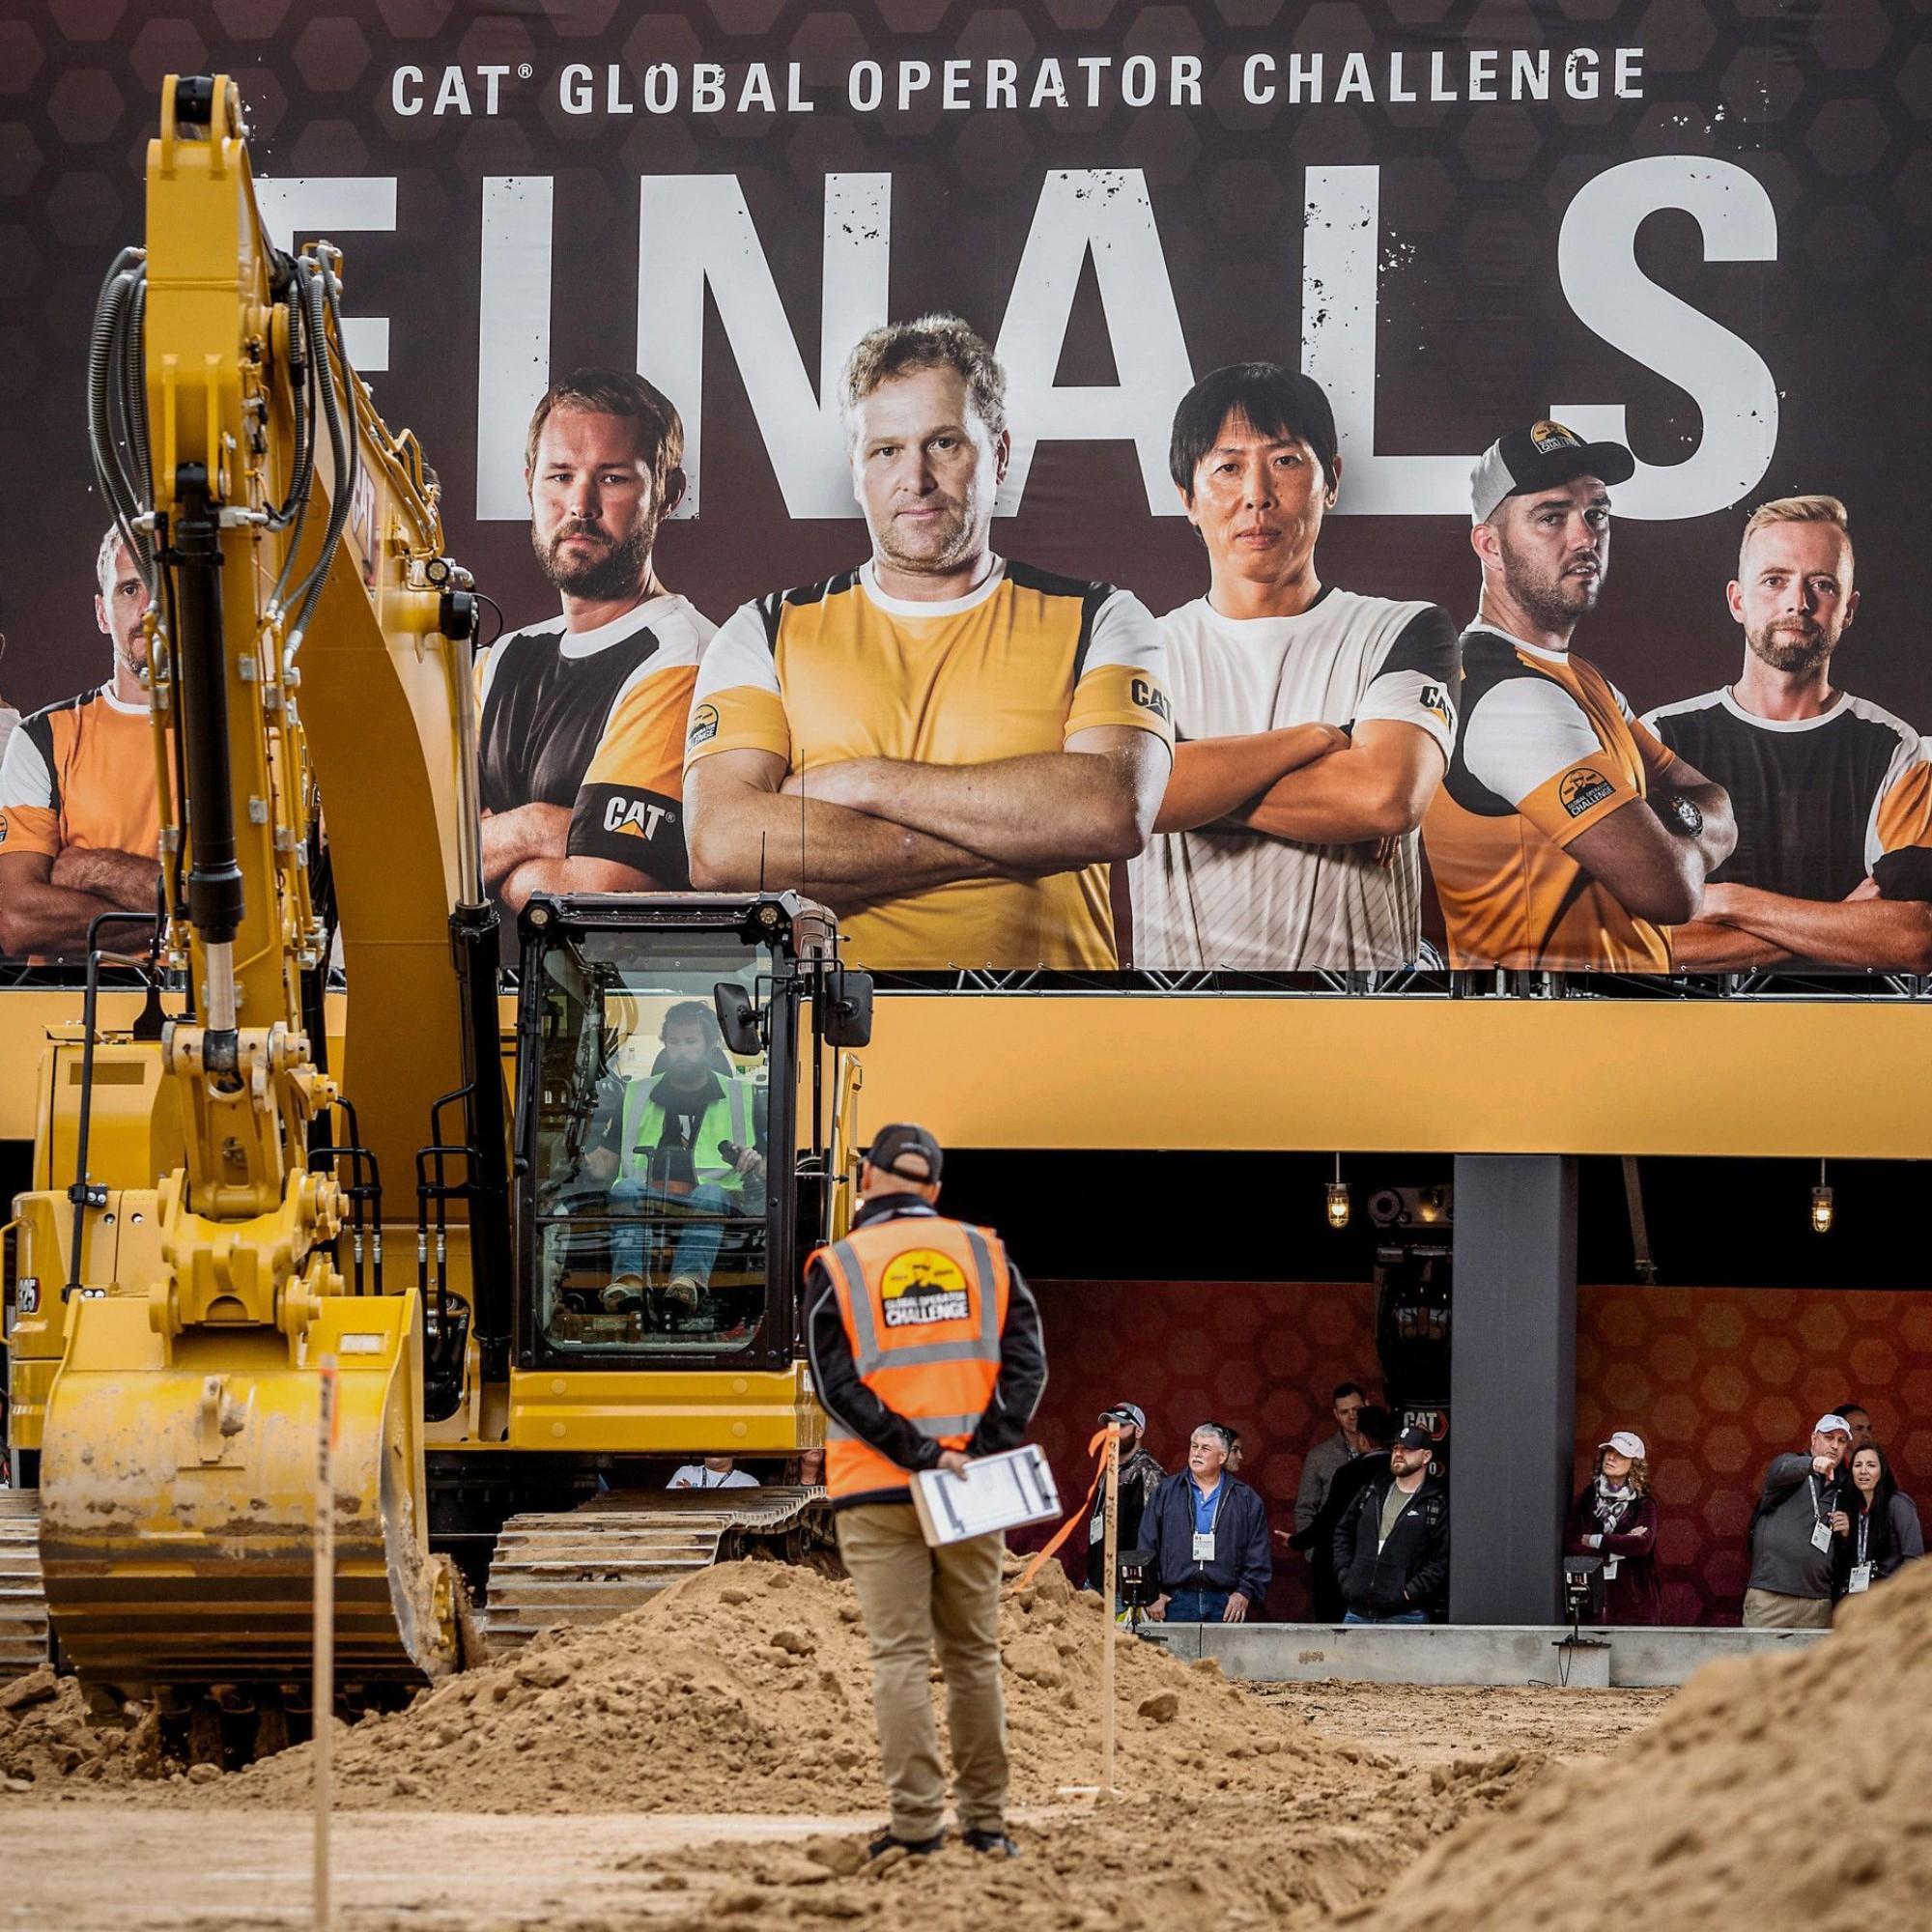 Baumaschinen-Weltmeisterschaft in Las Vegas